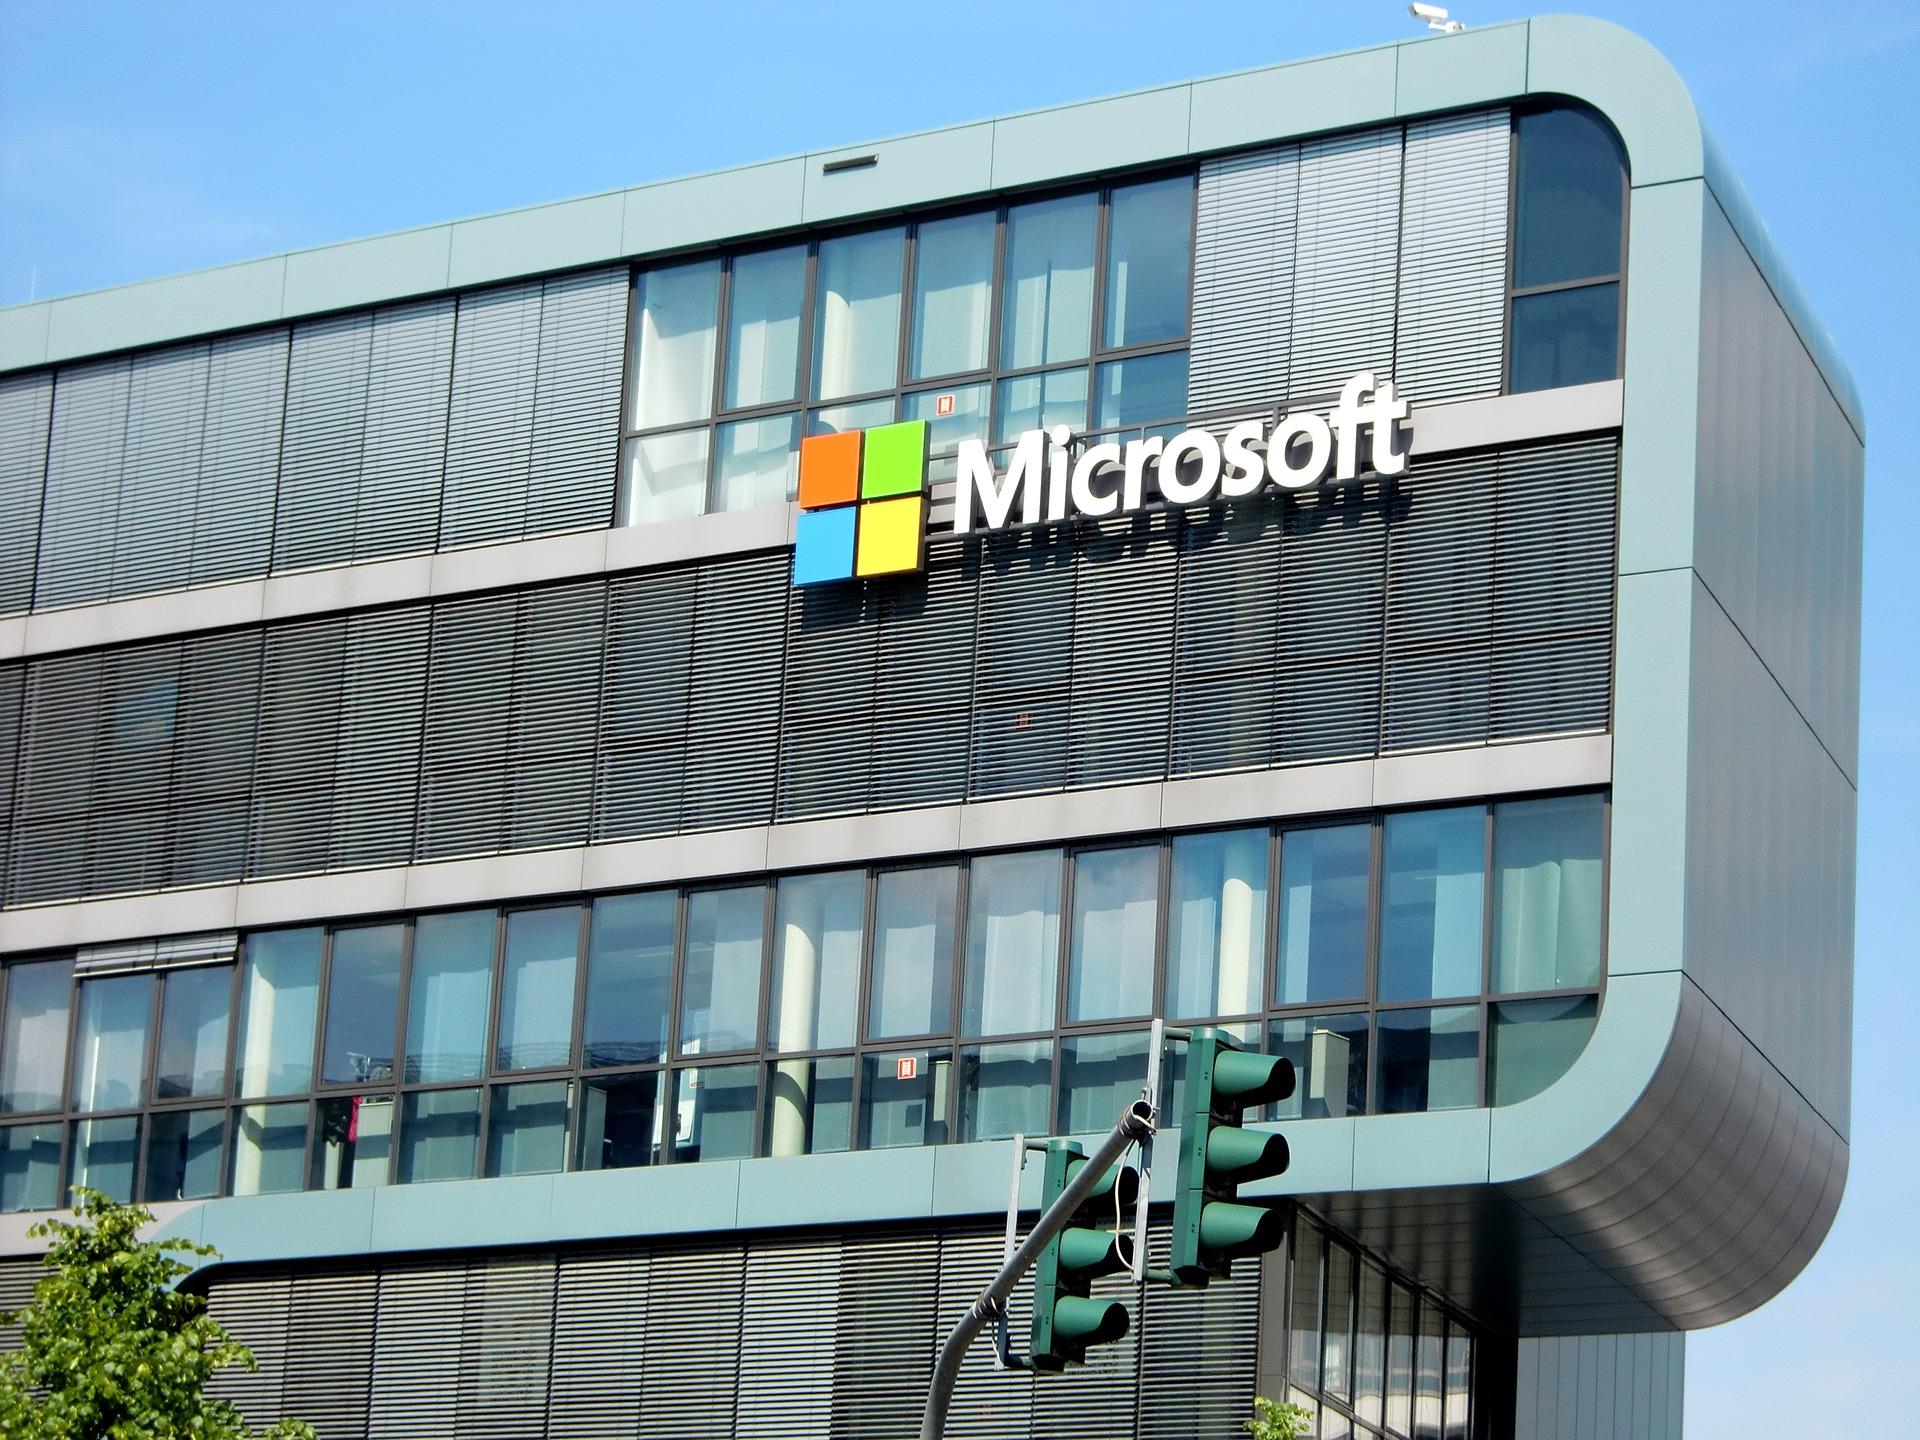 Już nie zainstalujesz Windowsa bez konta Microsoft 😕 chyba, że zastosujesz mały trik podczas instalacji 😁